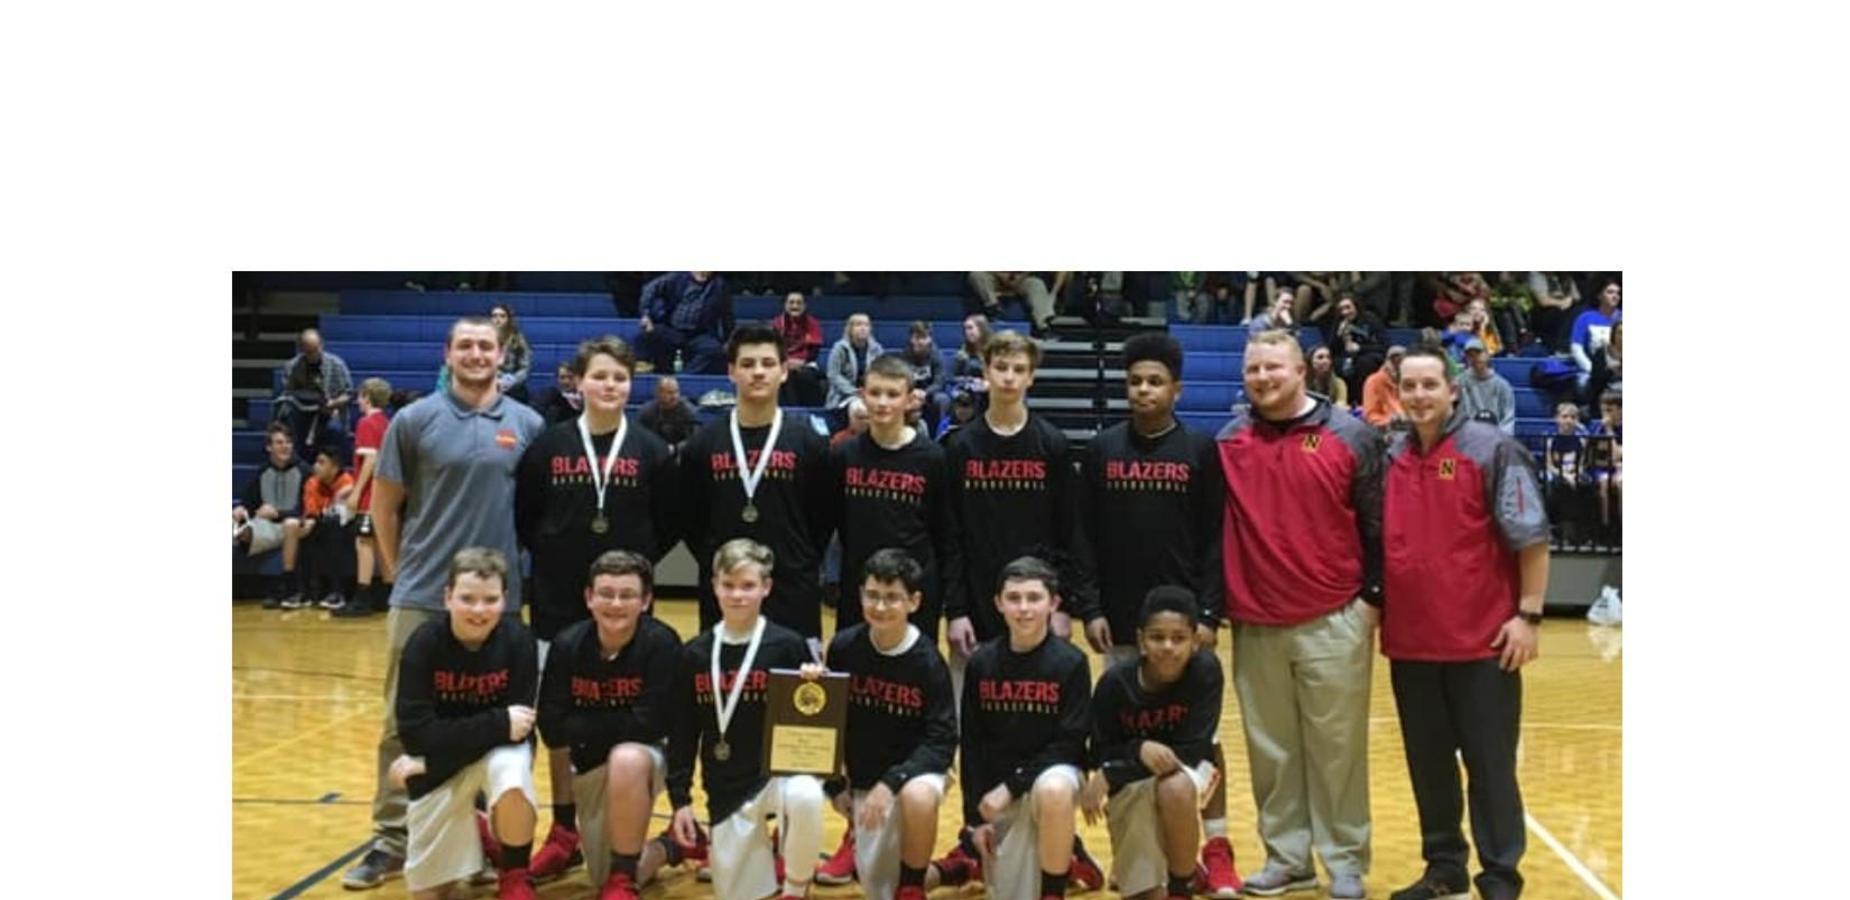 Photo of Nolachuckey boys basketball team